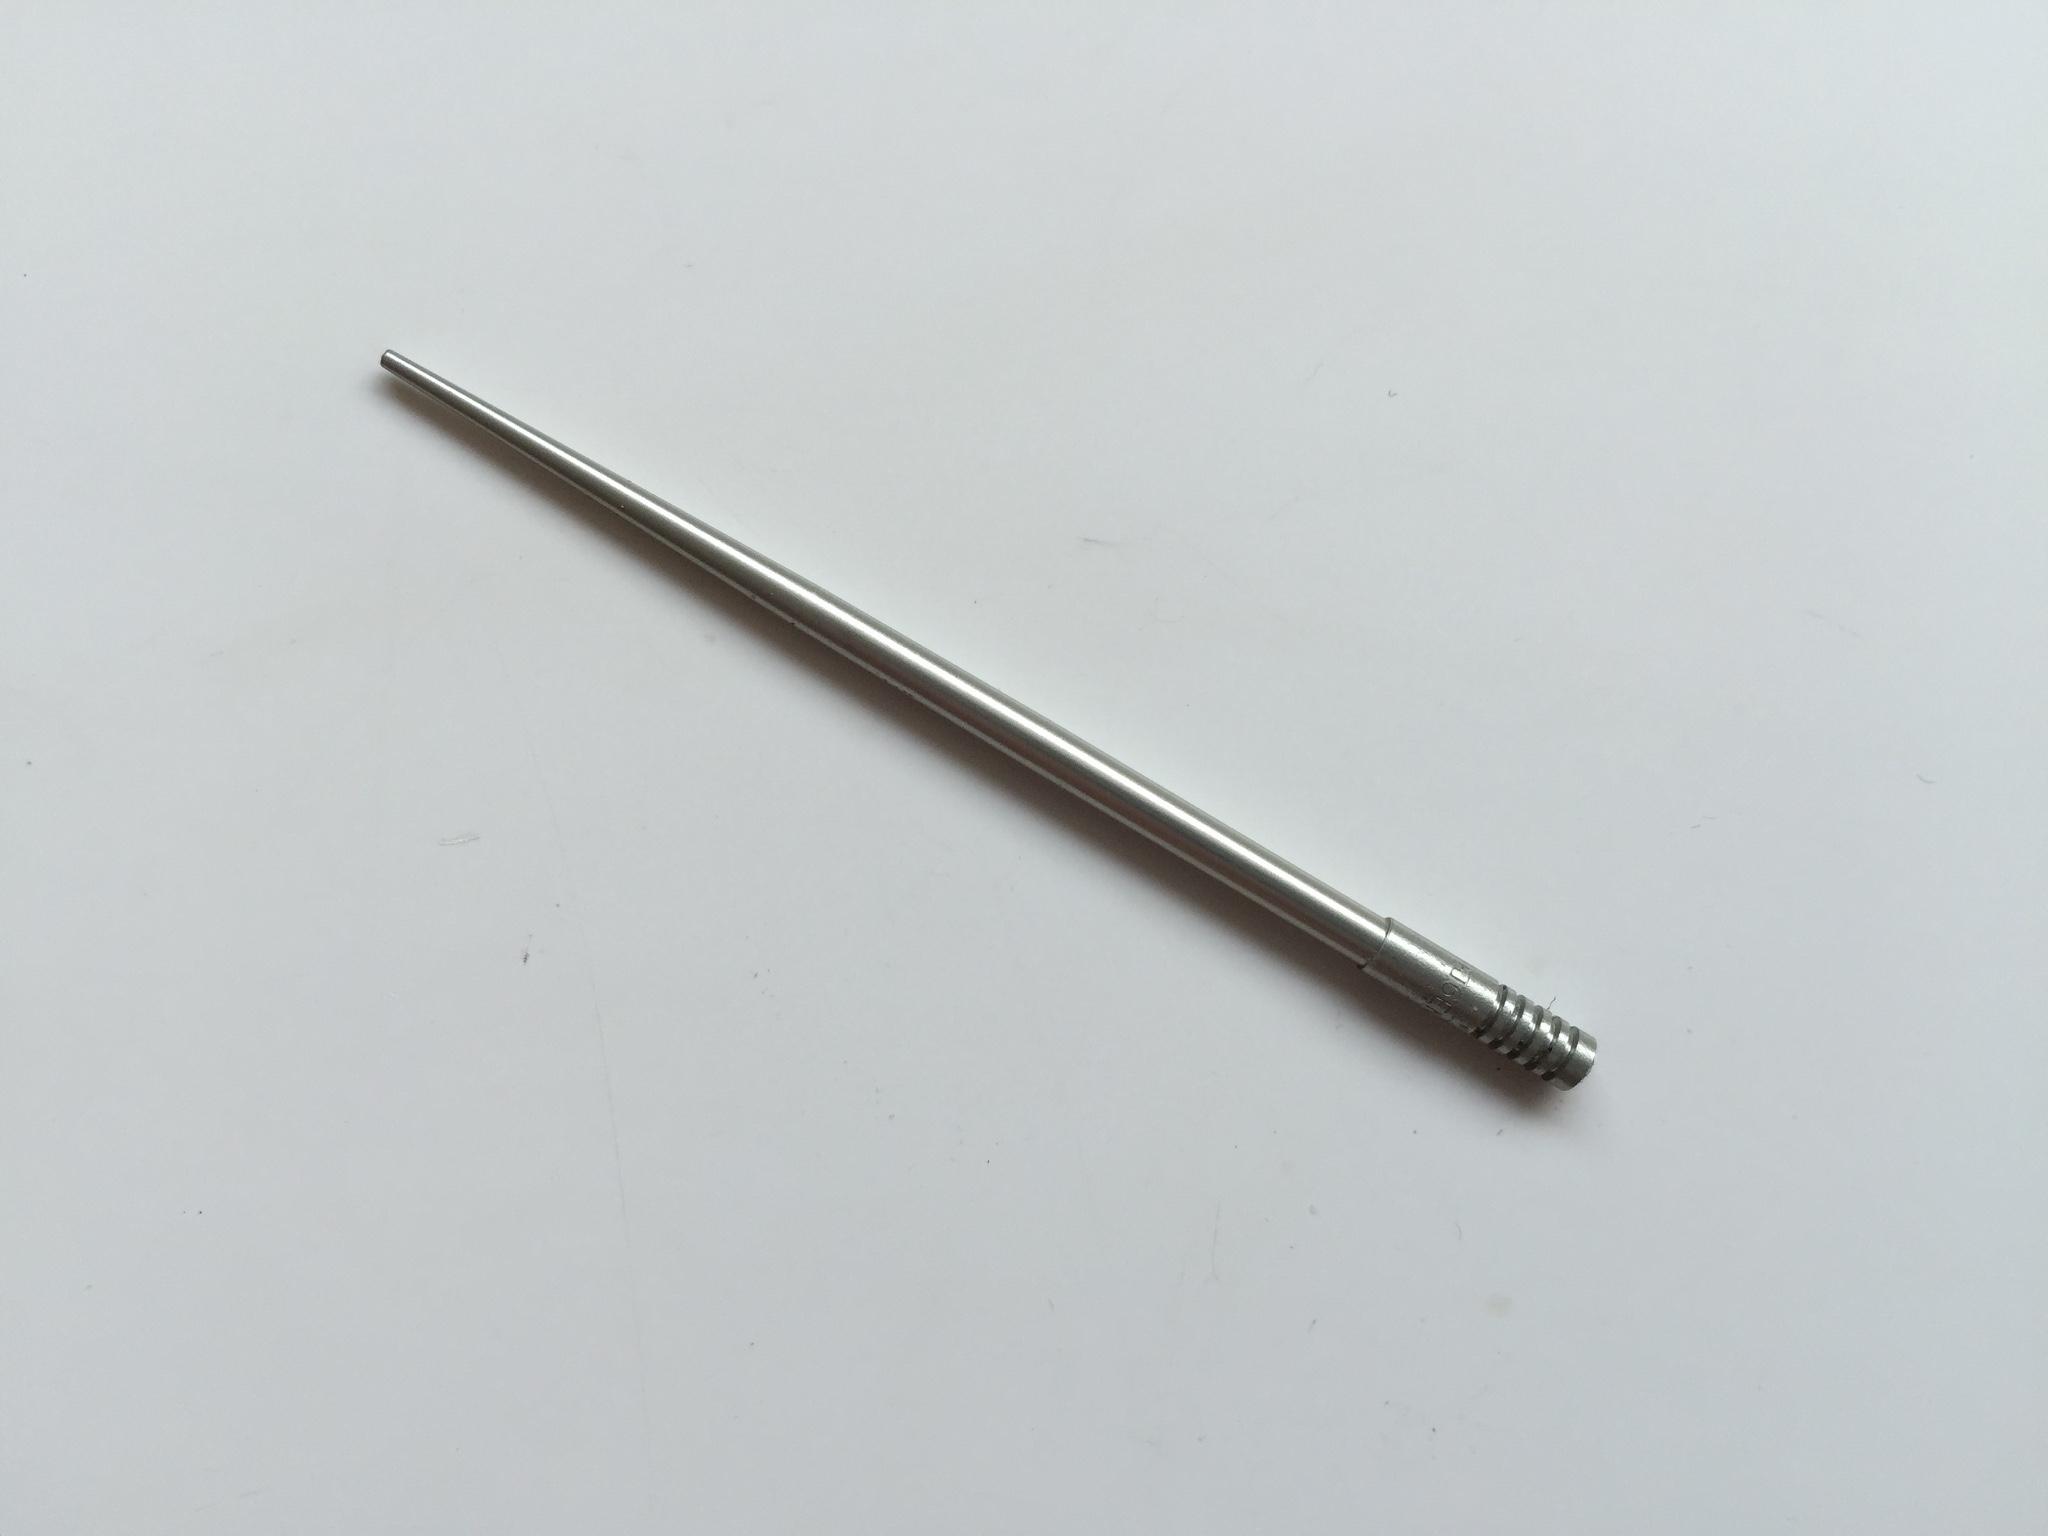 Dellorto X7 Needle